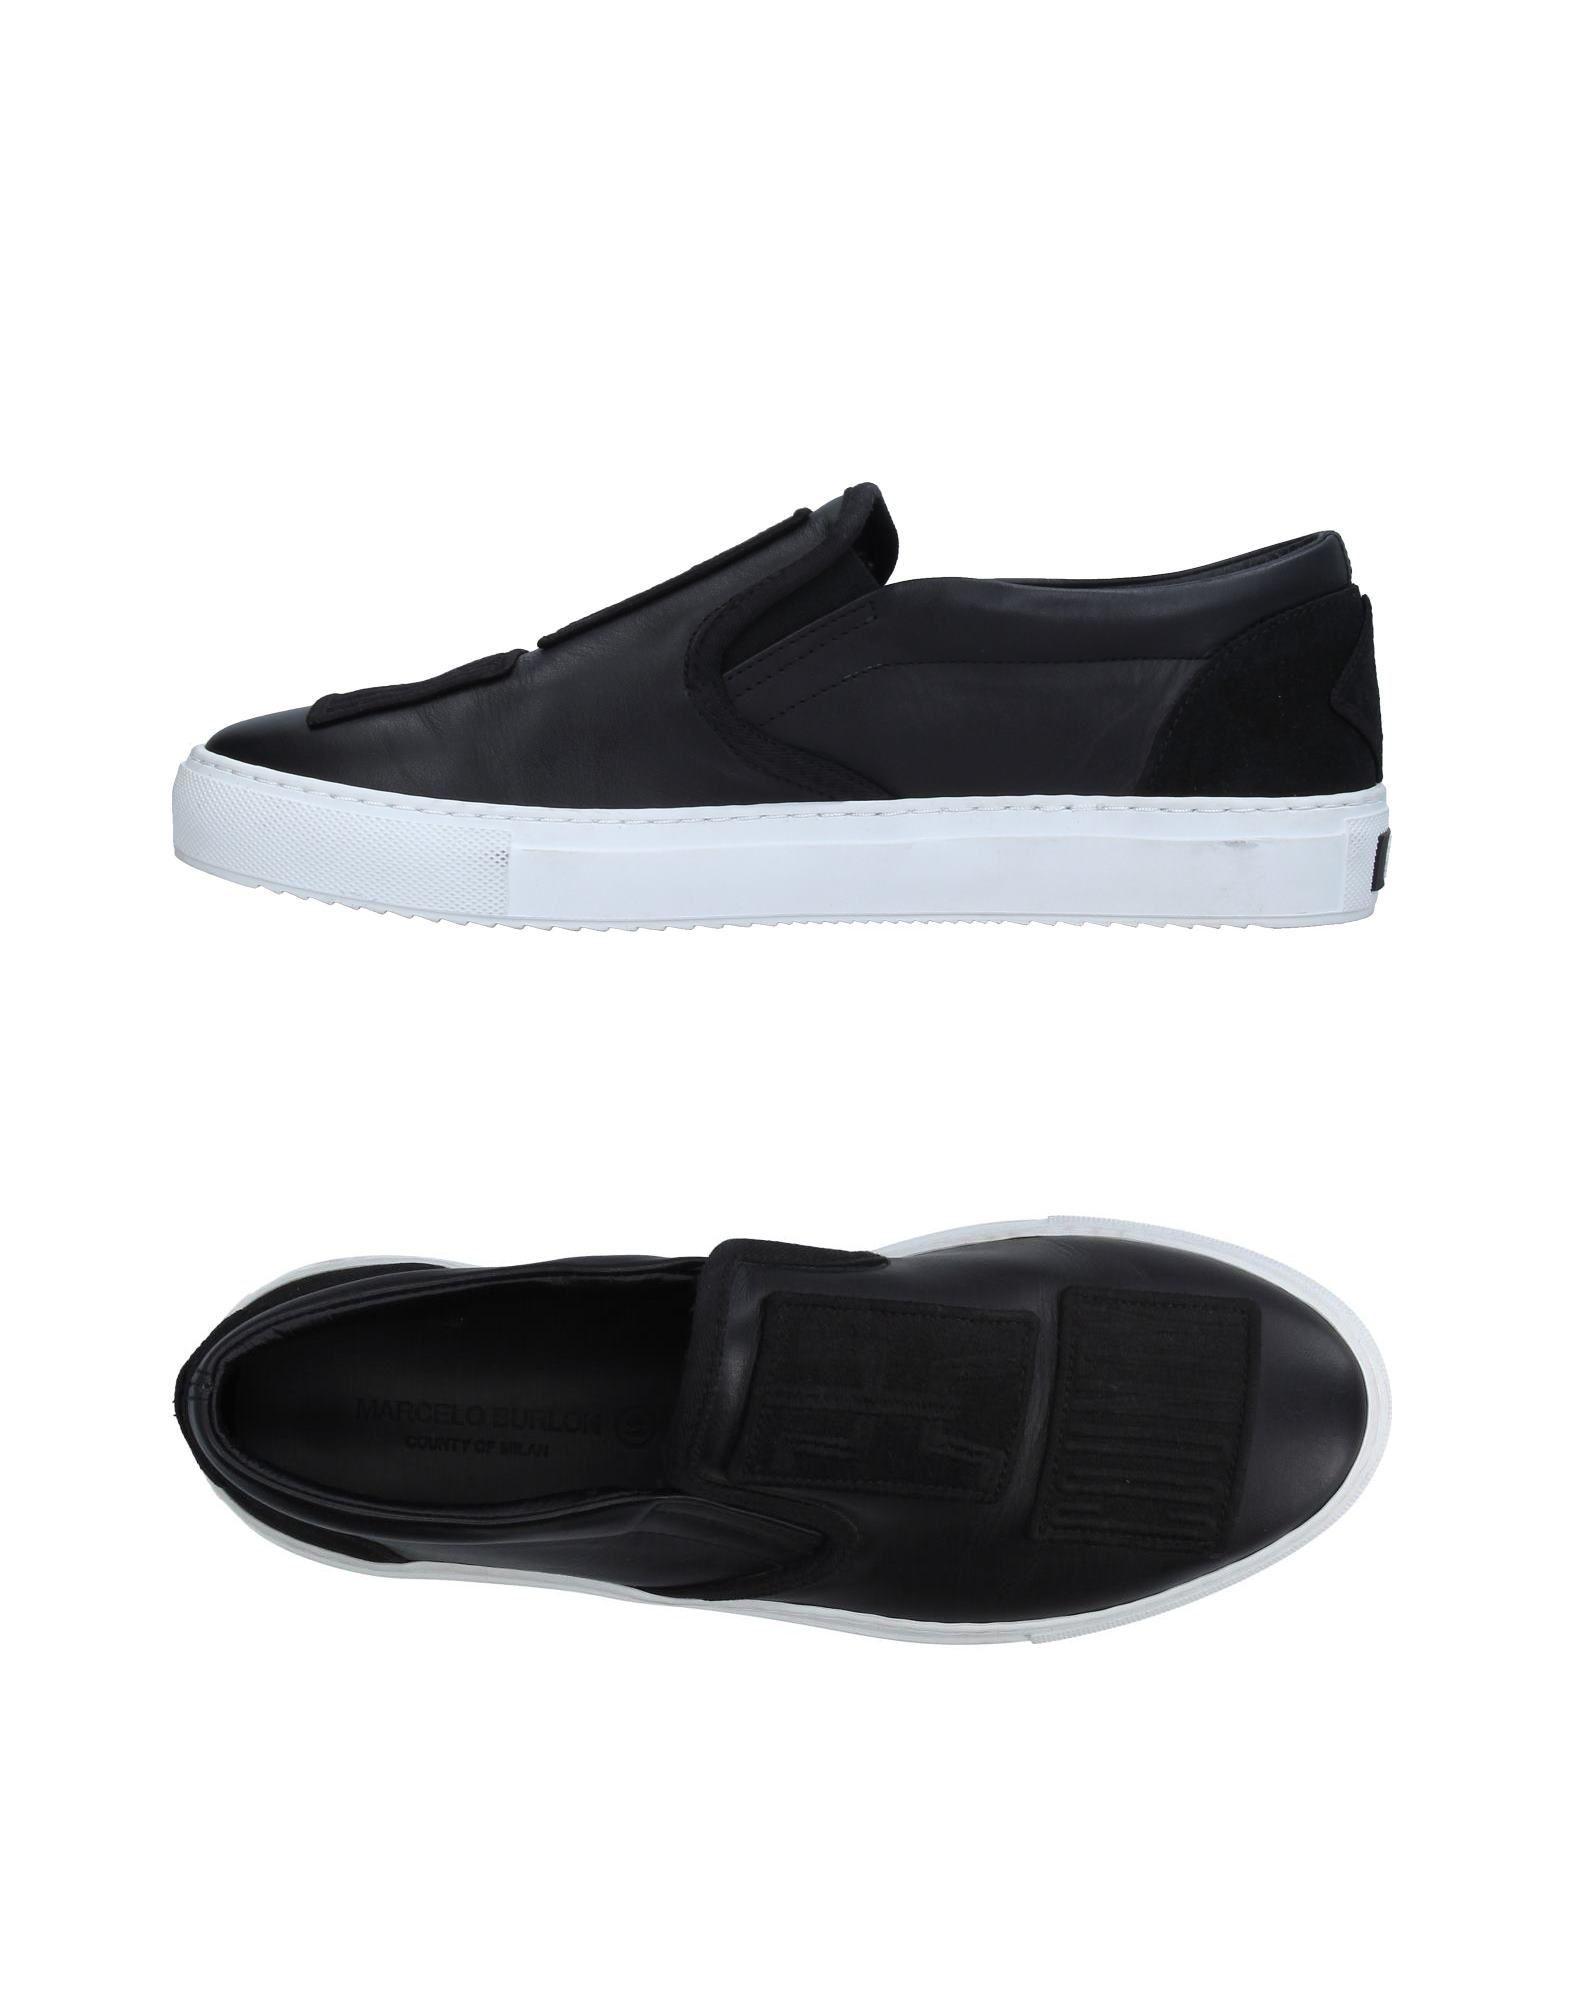 Sneakers Marcelo Burlon Homme - Sneakers Marcelo Burlon  Noir Chaussures casual sauvages